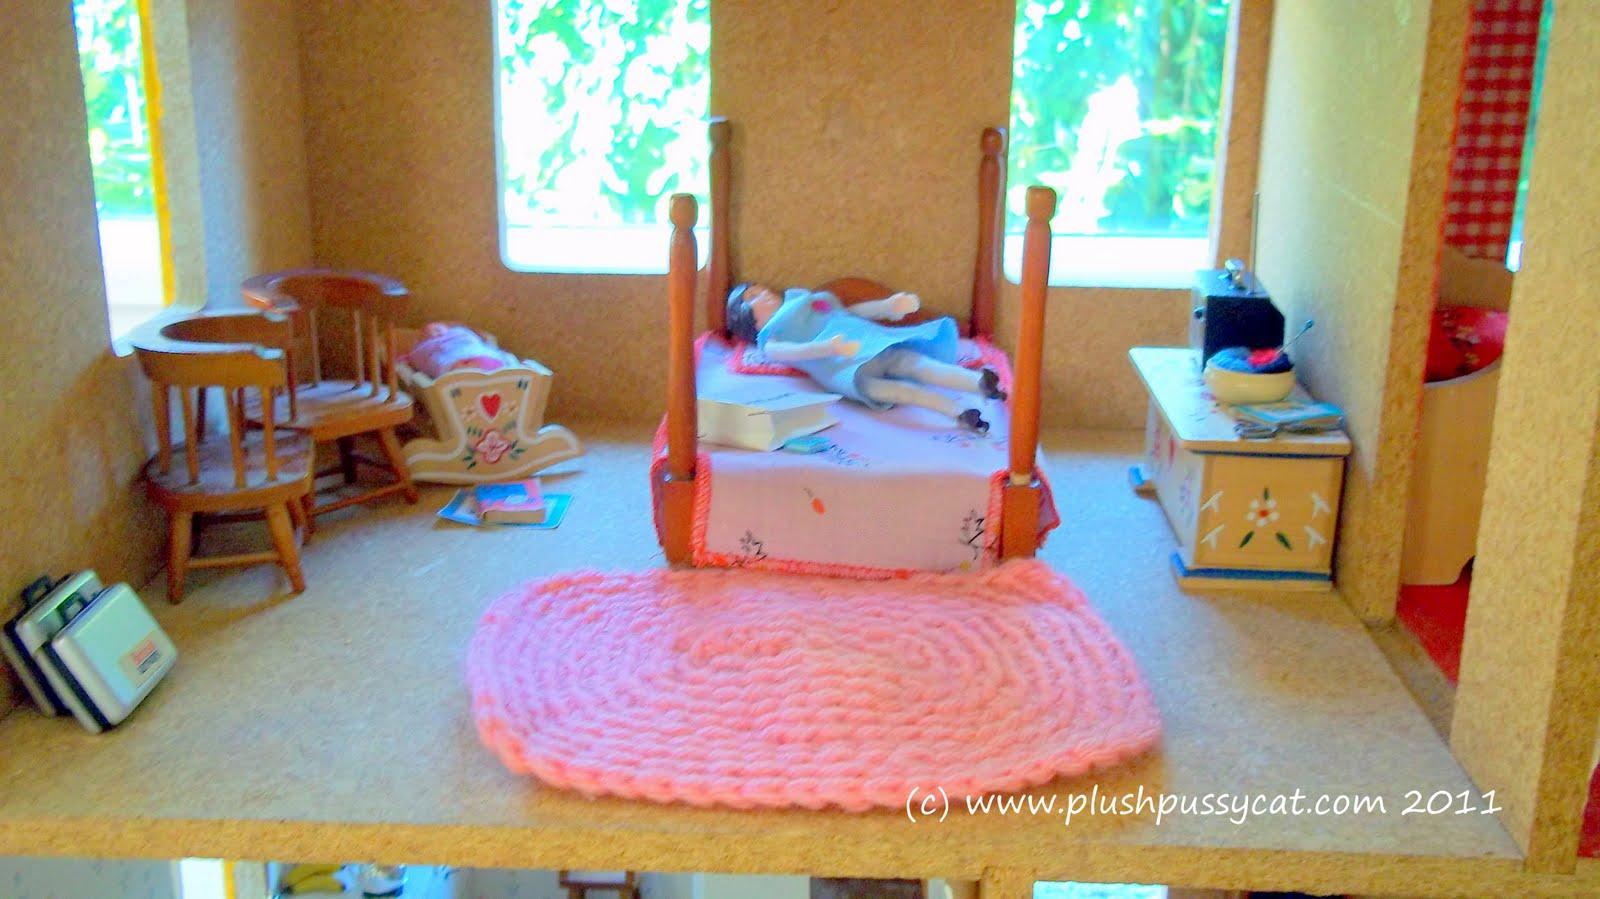 http://1.bp.blogspot.com/-9zoocRSmgj8/ThekMdeaUoI/AAAAAAAAAqY/n9SpXk0APNU/s1600/1970s+dollhouse+masterbedroom.JPG